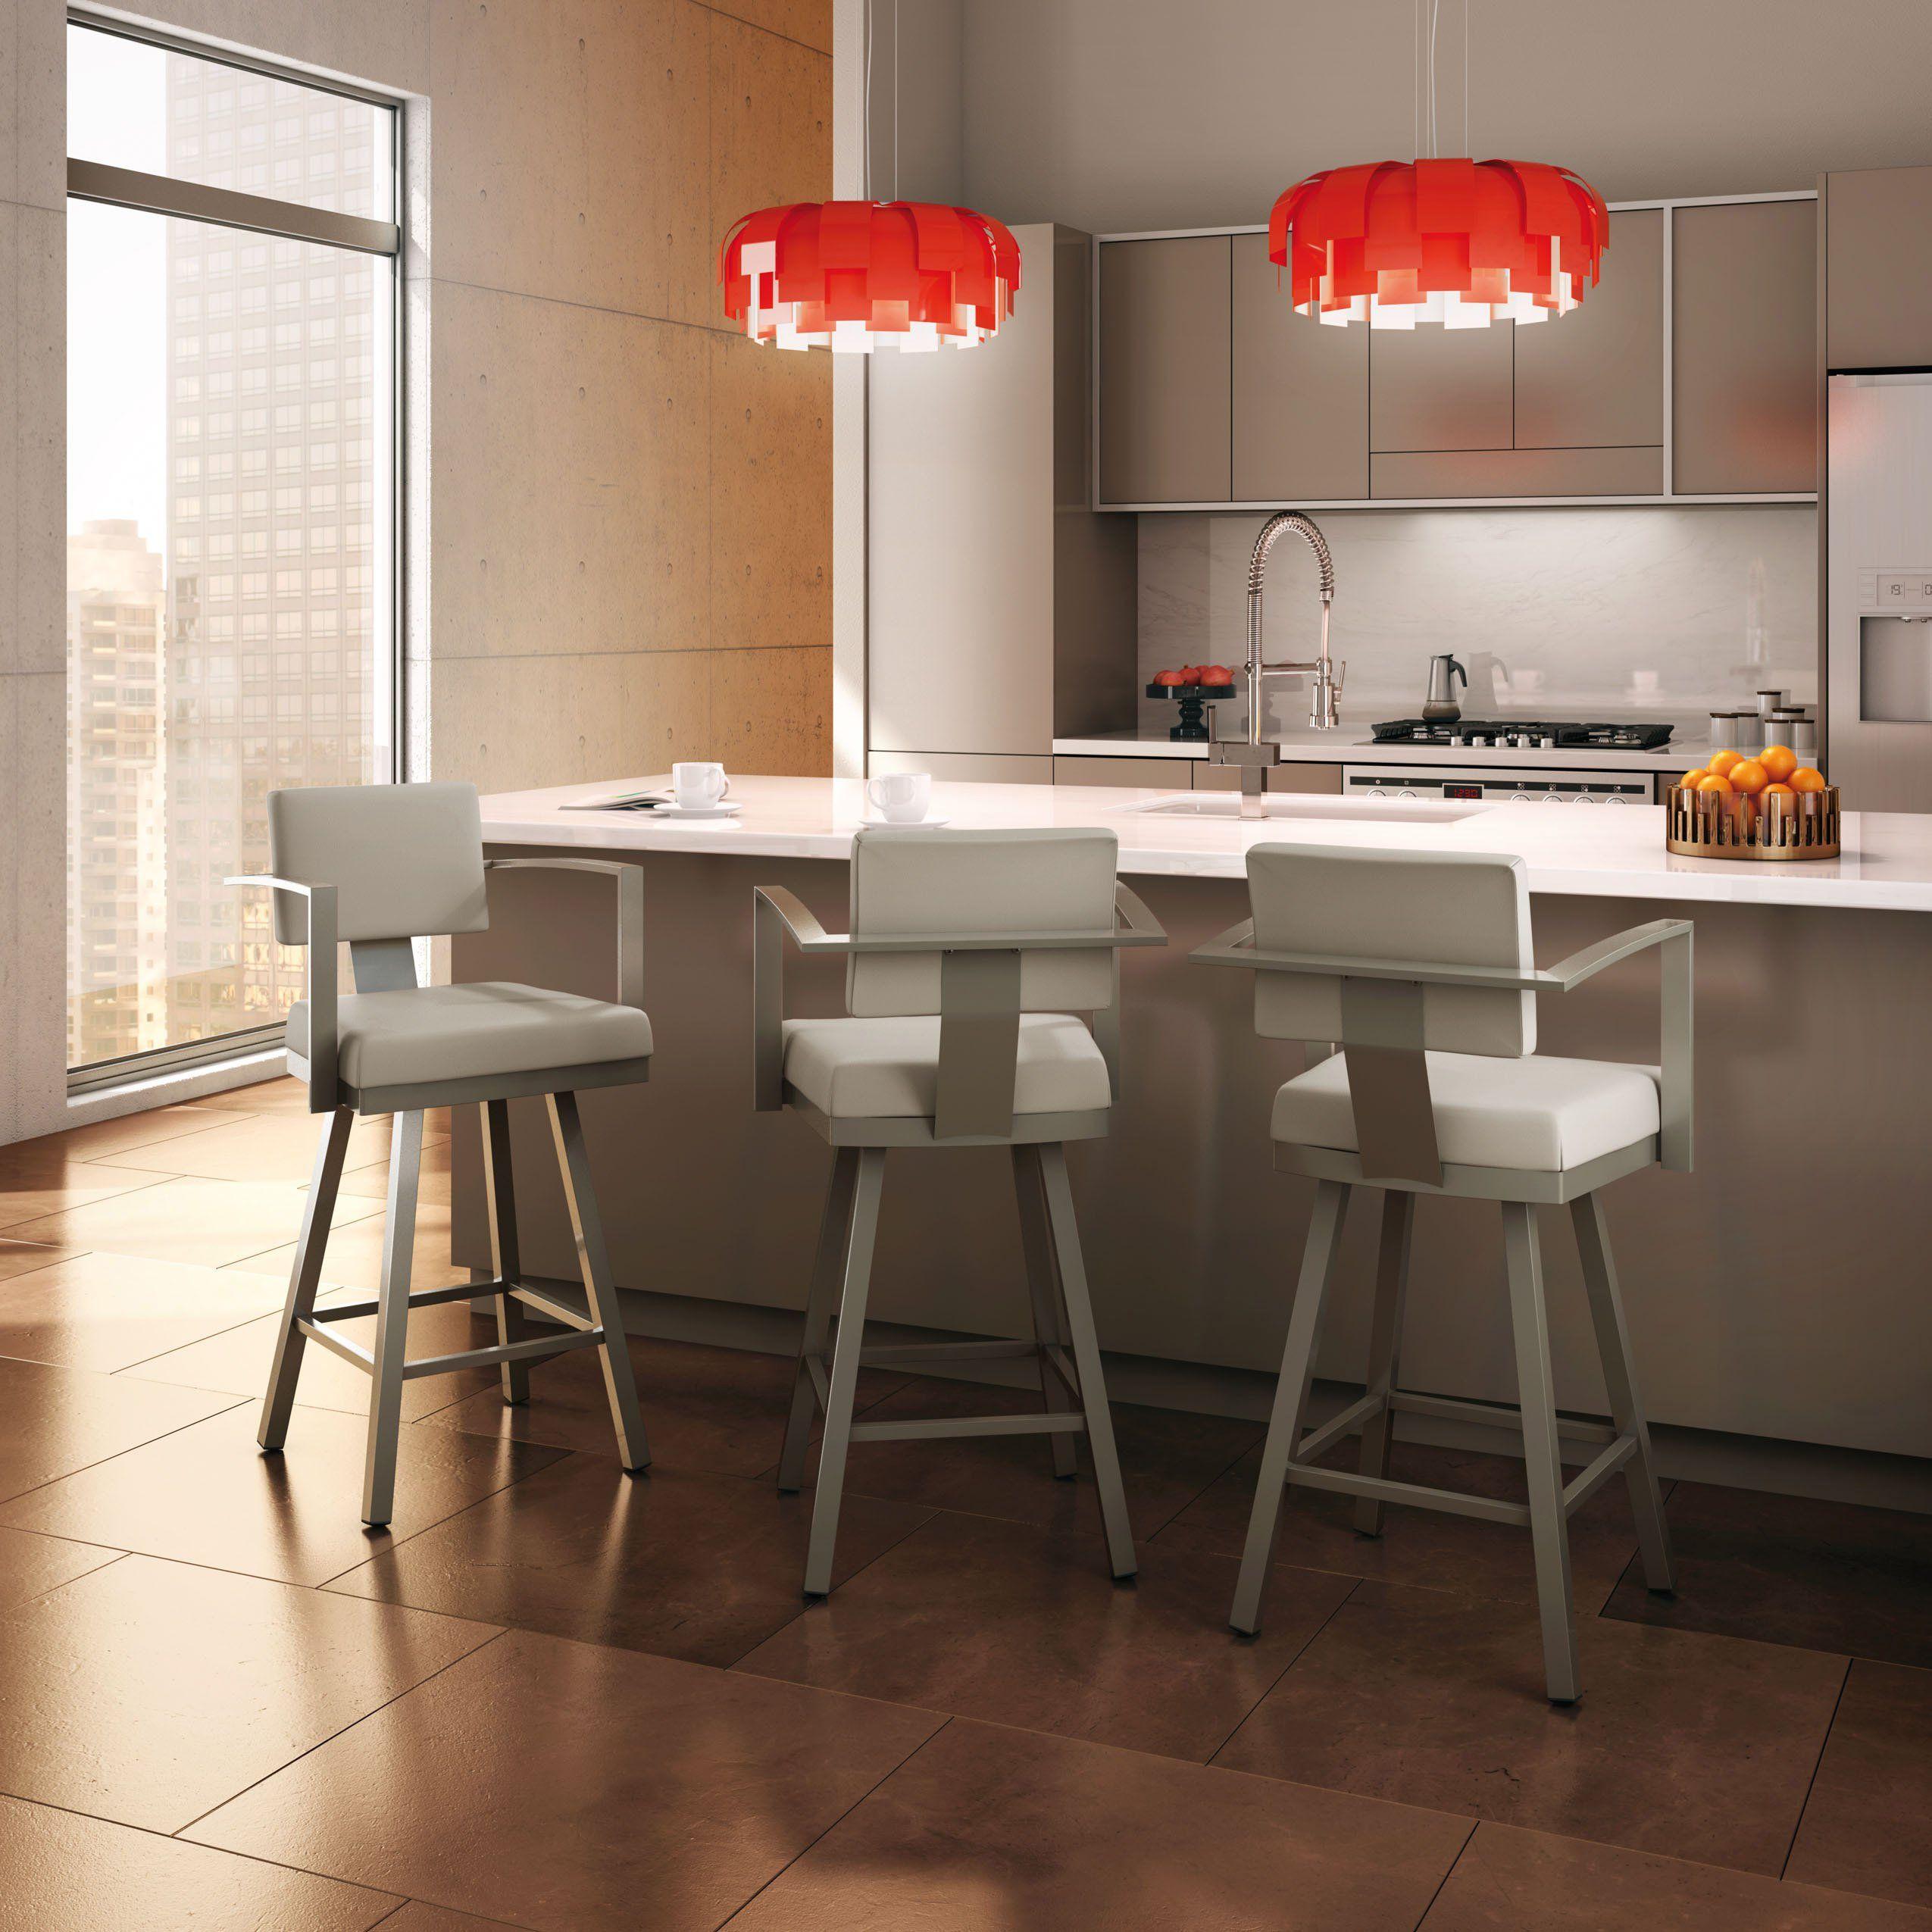 Küche Theke Höhe Hocker Dies ist die neueste Informationen auf die ...